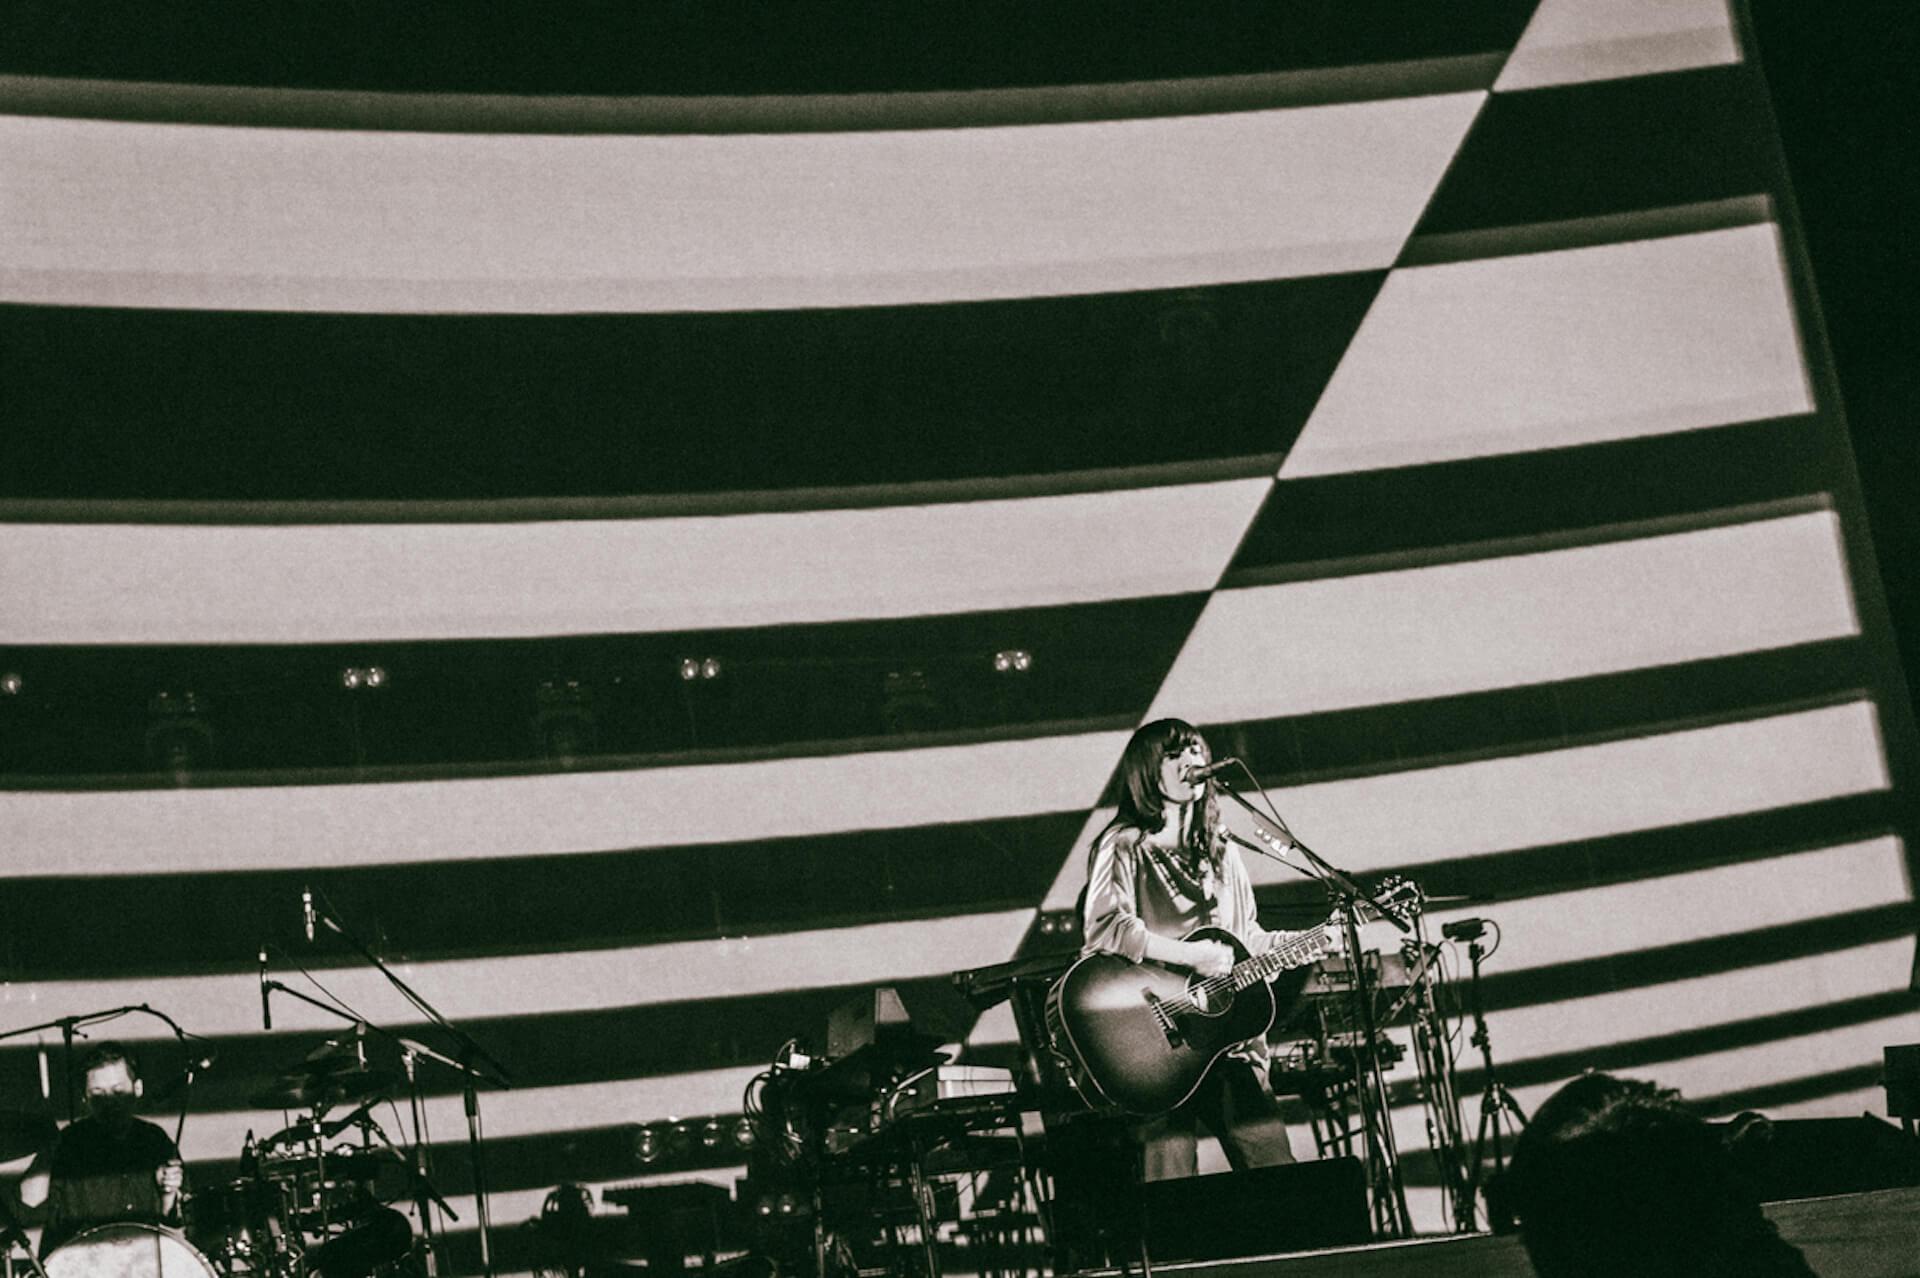 13,000人が大熱狂!あいみょん<AIMYON TOUR 2019 -SIXTH SENSE STORY->最終公演のライブレポートが到着 music191219_aimyon_live_6